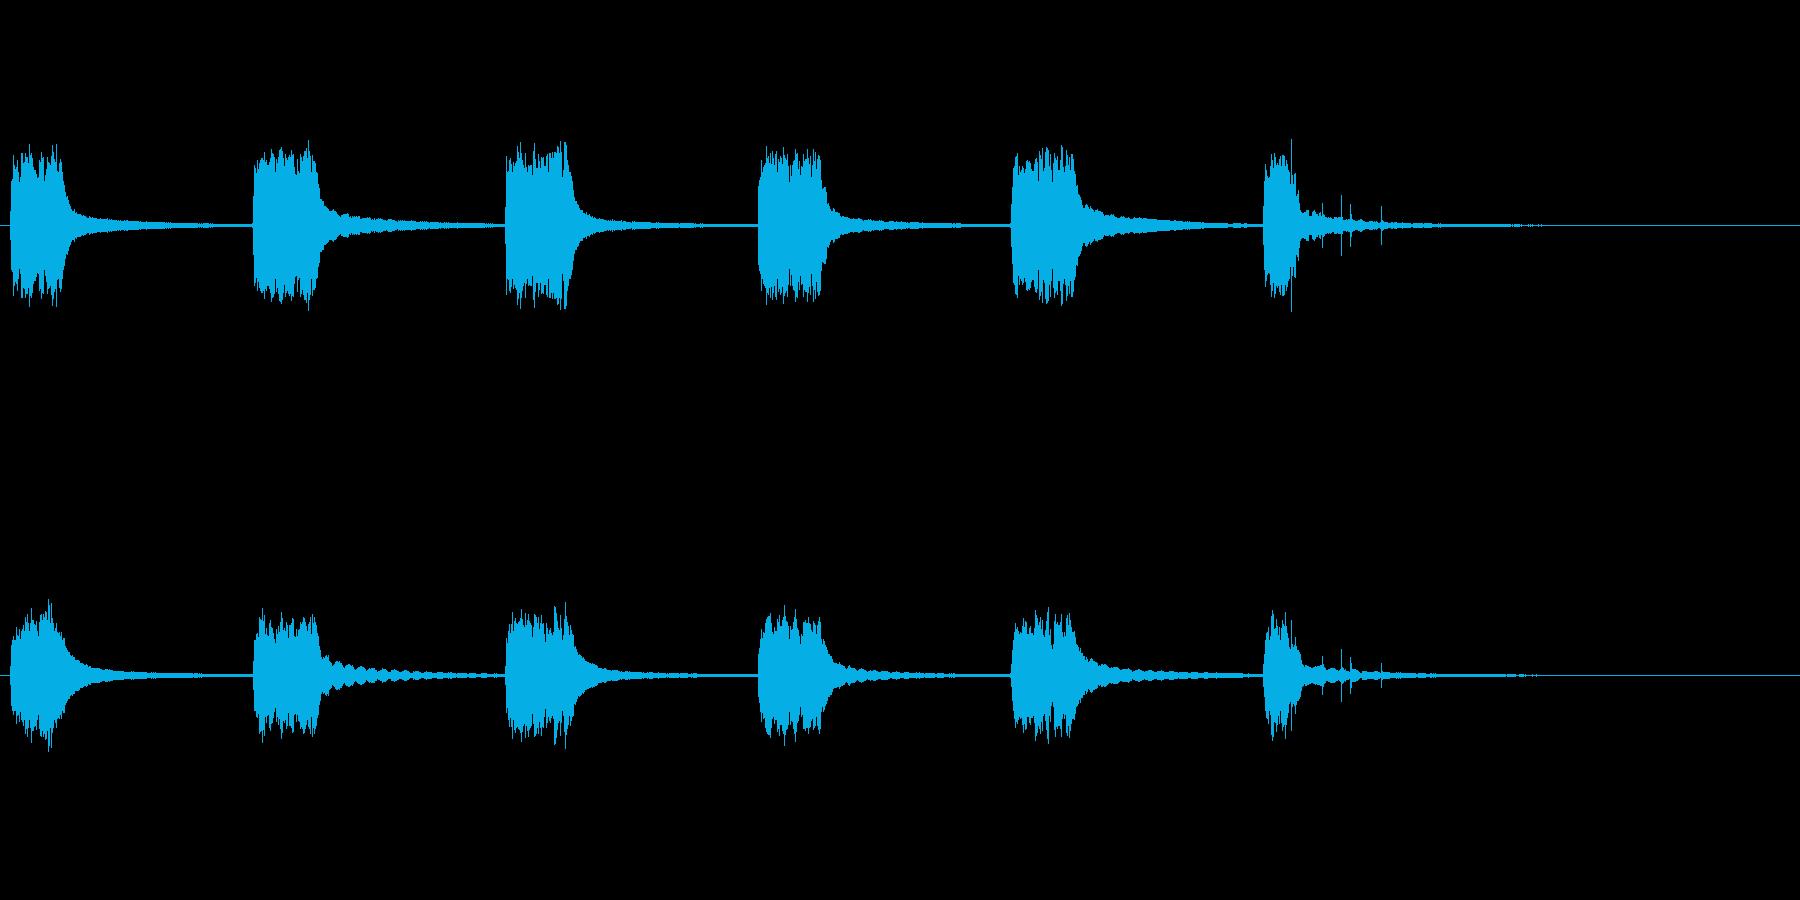 英国式電話:ベルリング、ピックアップの再生済みの波形